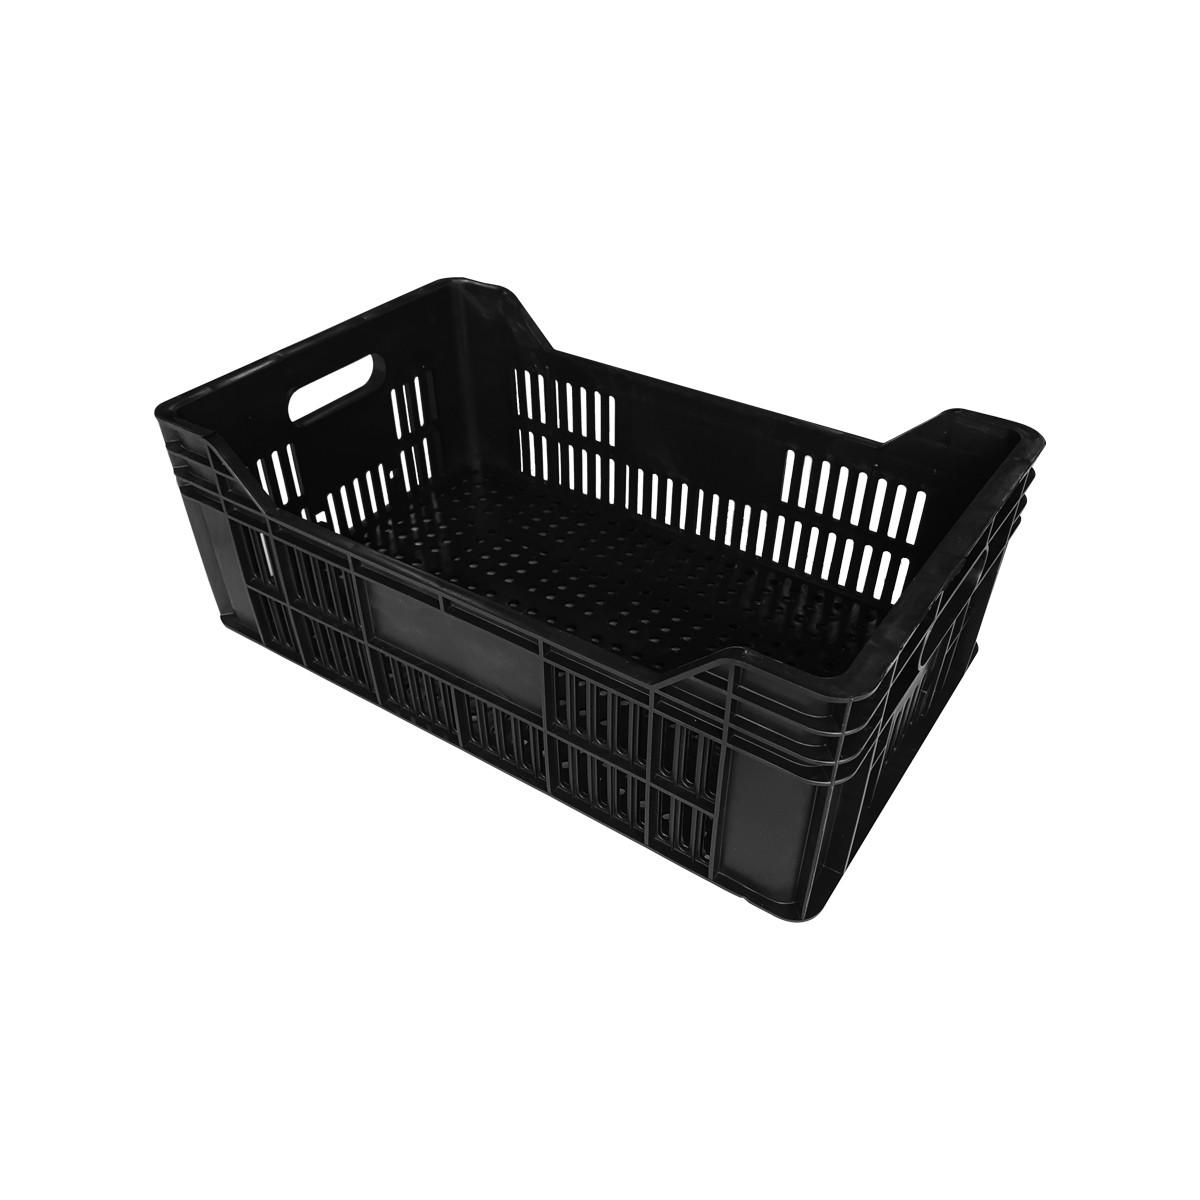 Kit 15 Caixa Plástica Hortifruti Reforçada Supermercado P/ Frutas